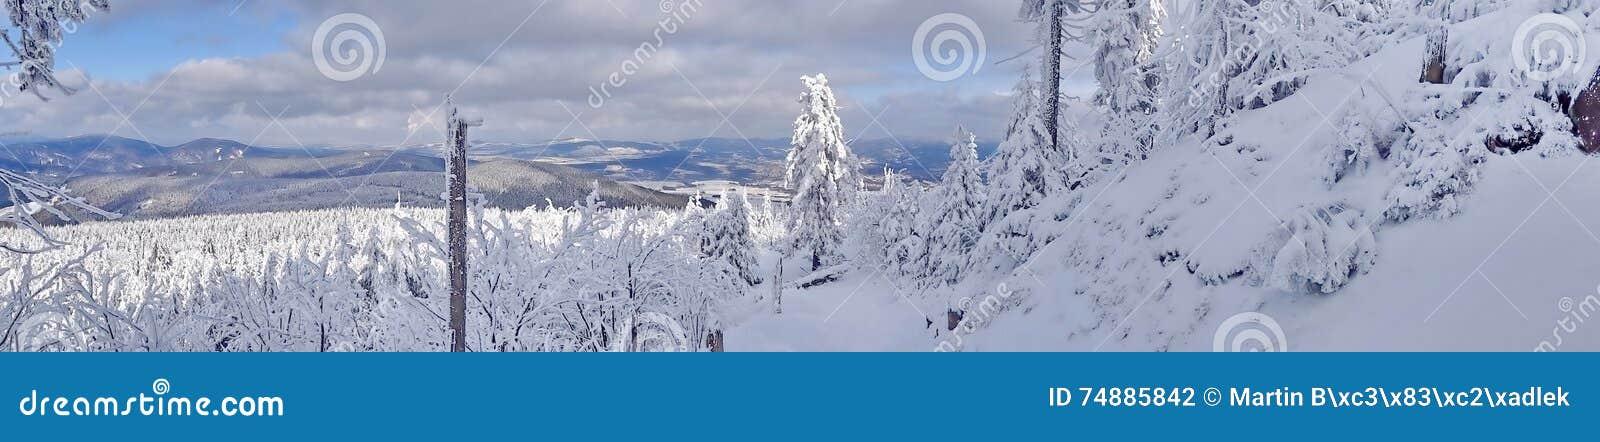 Monte brincado, distrito de Liberec, República Checa,